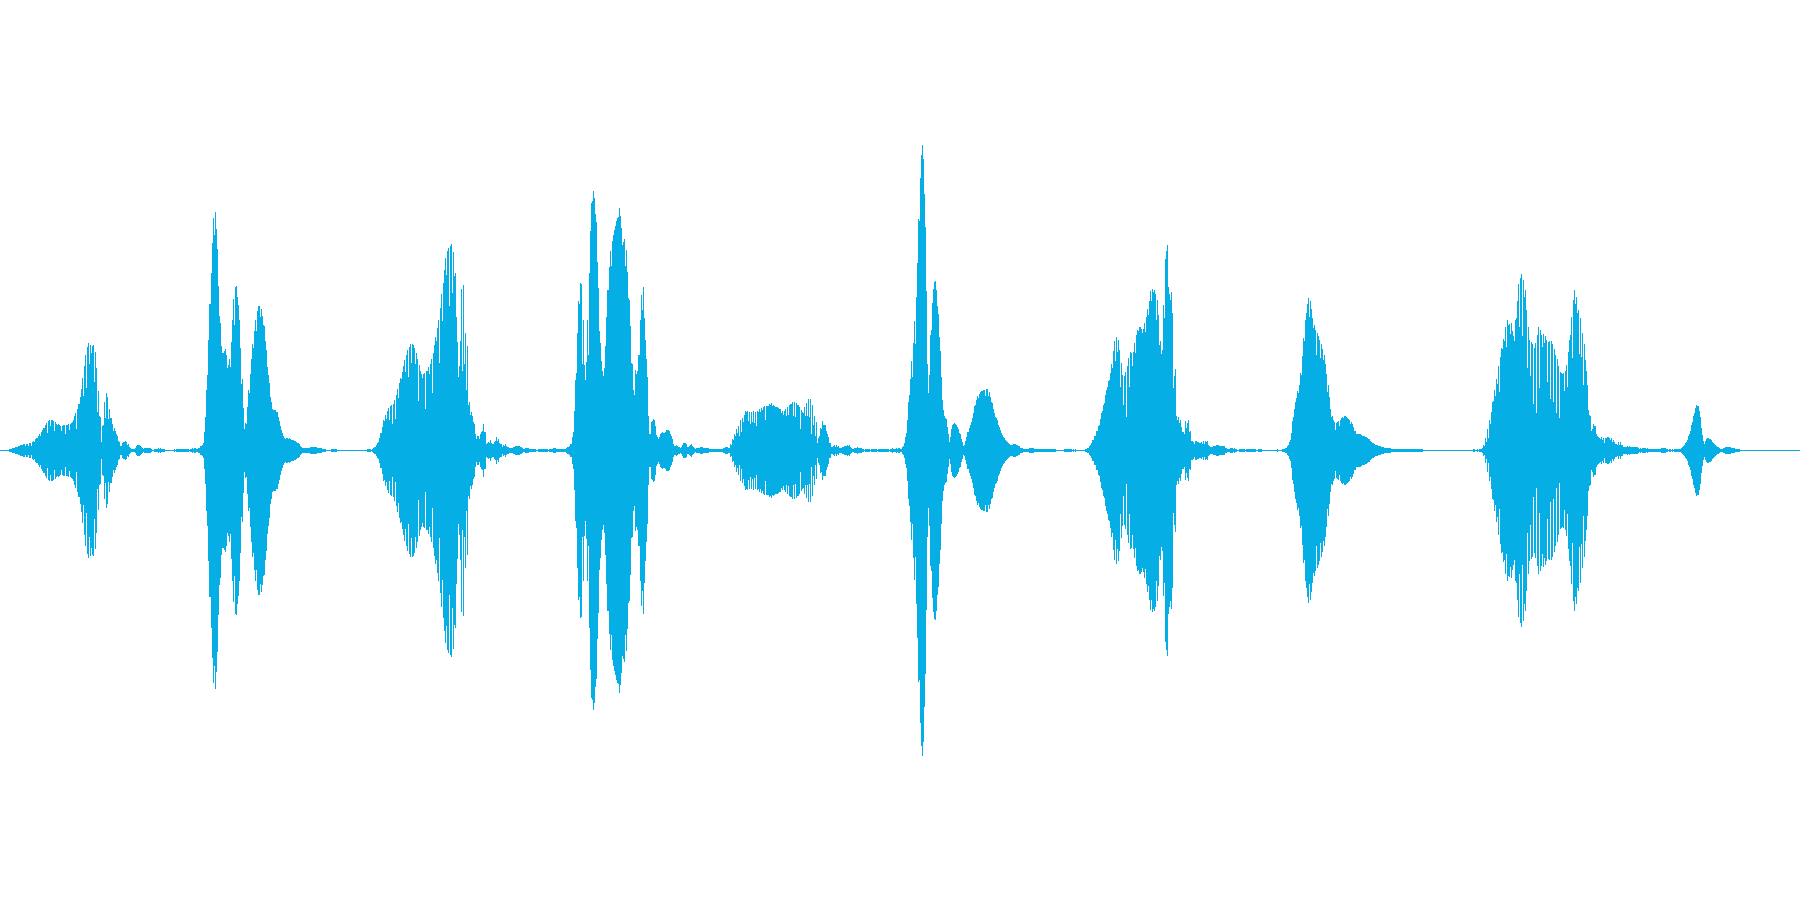 キュッキュッ(窓などをこする音)ループの再生済みの波形